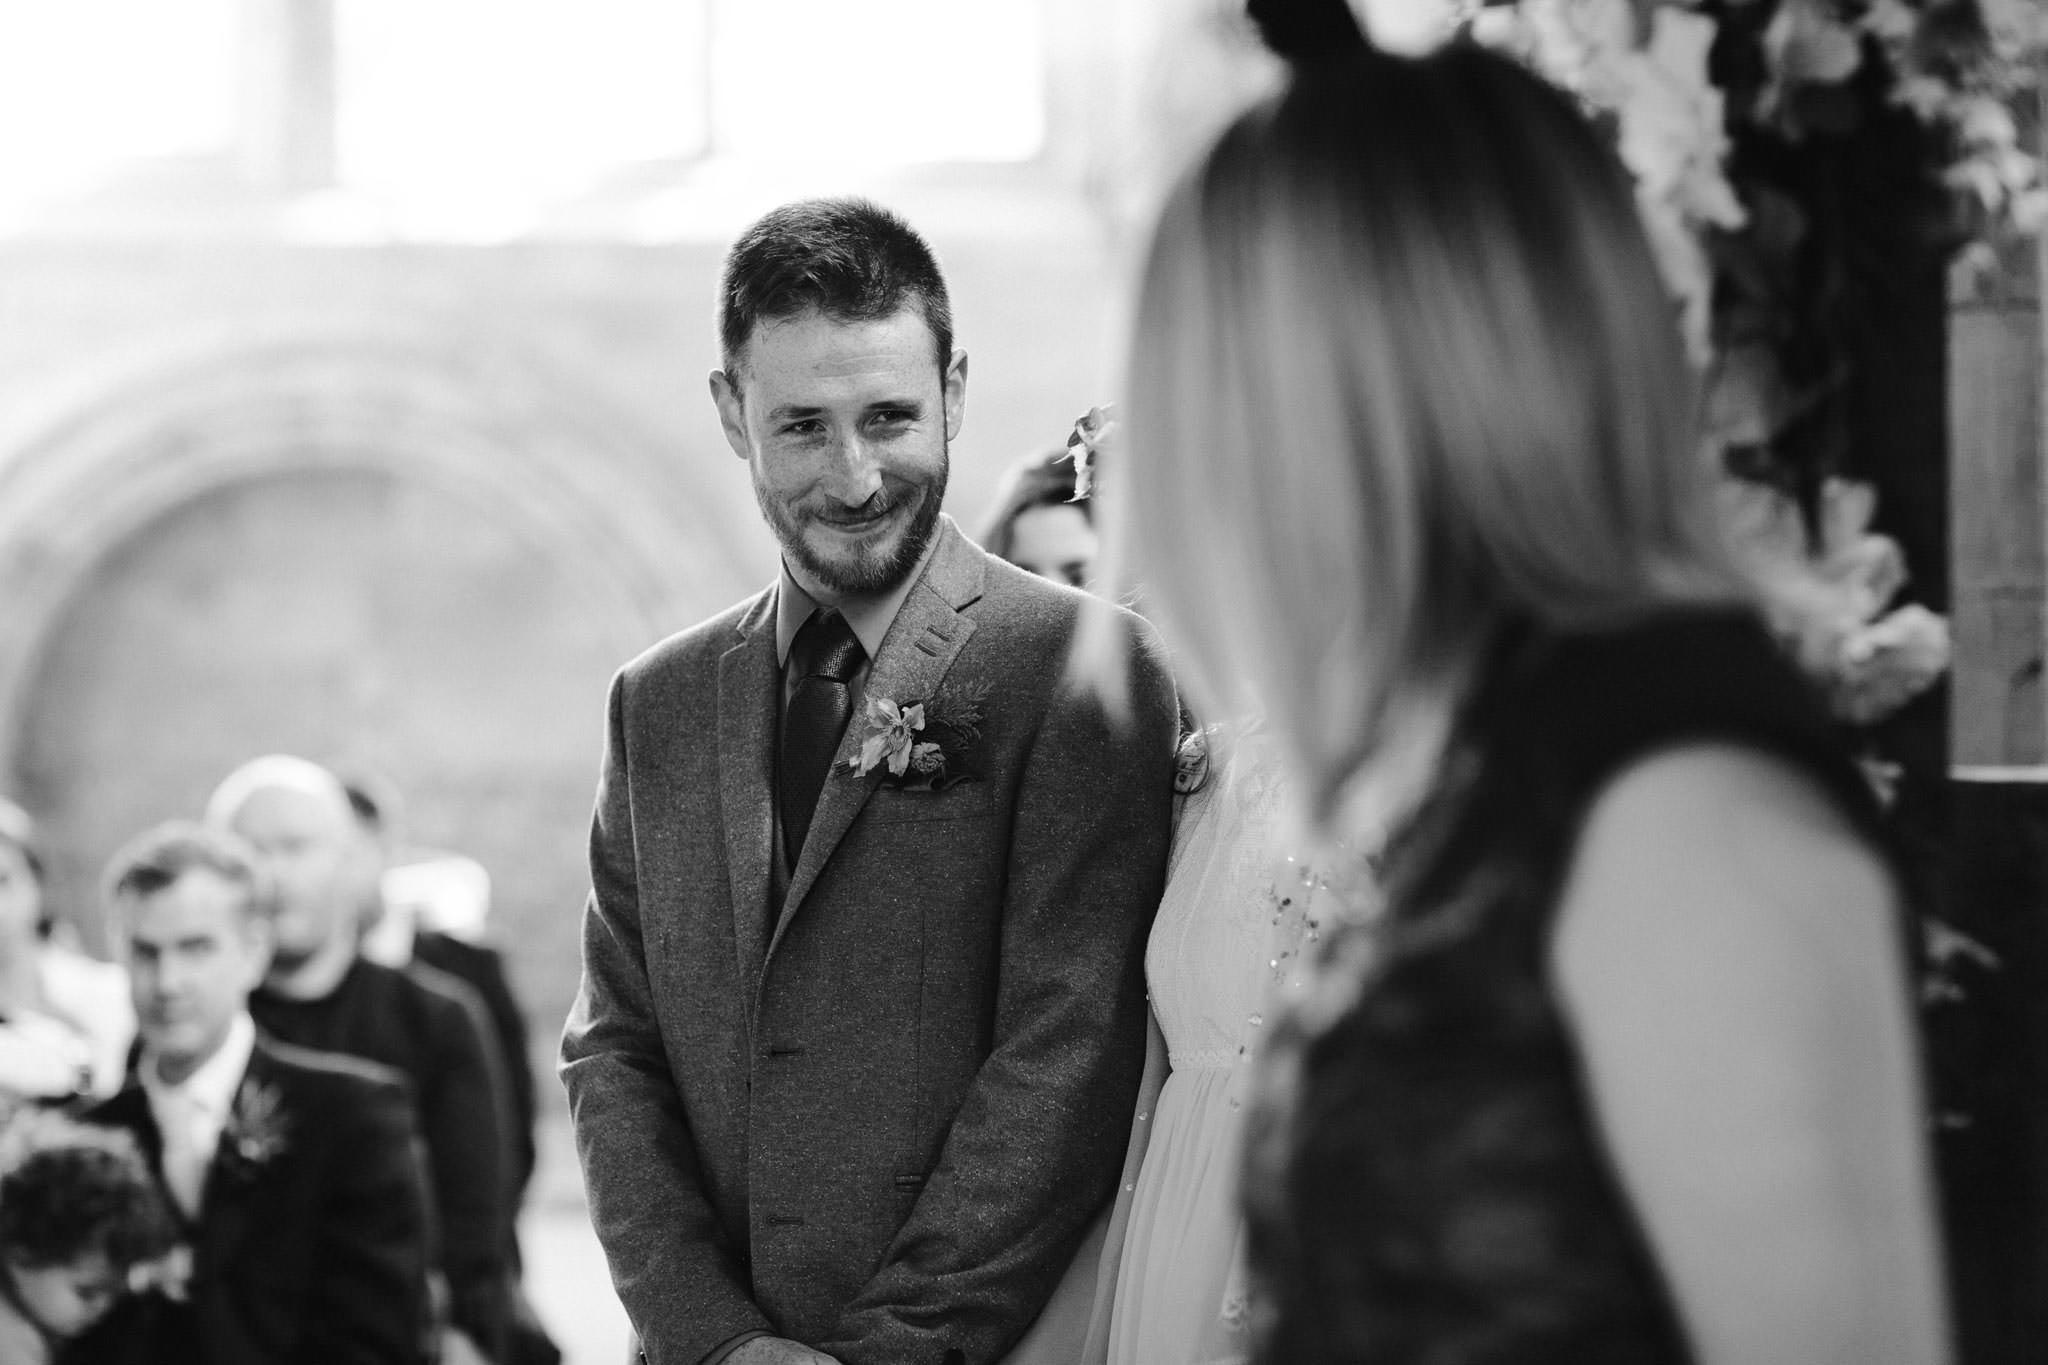 scottish-wedding-photography-054